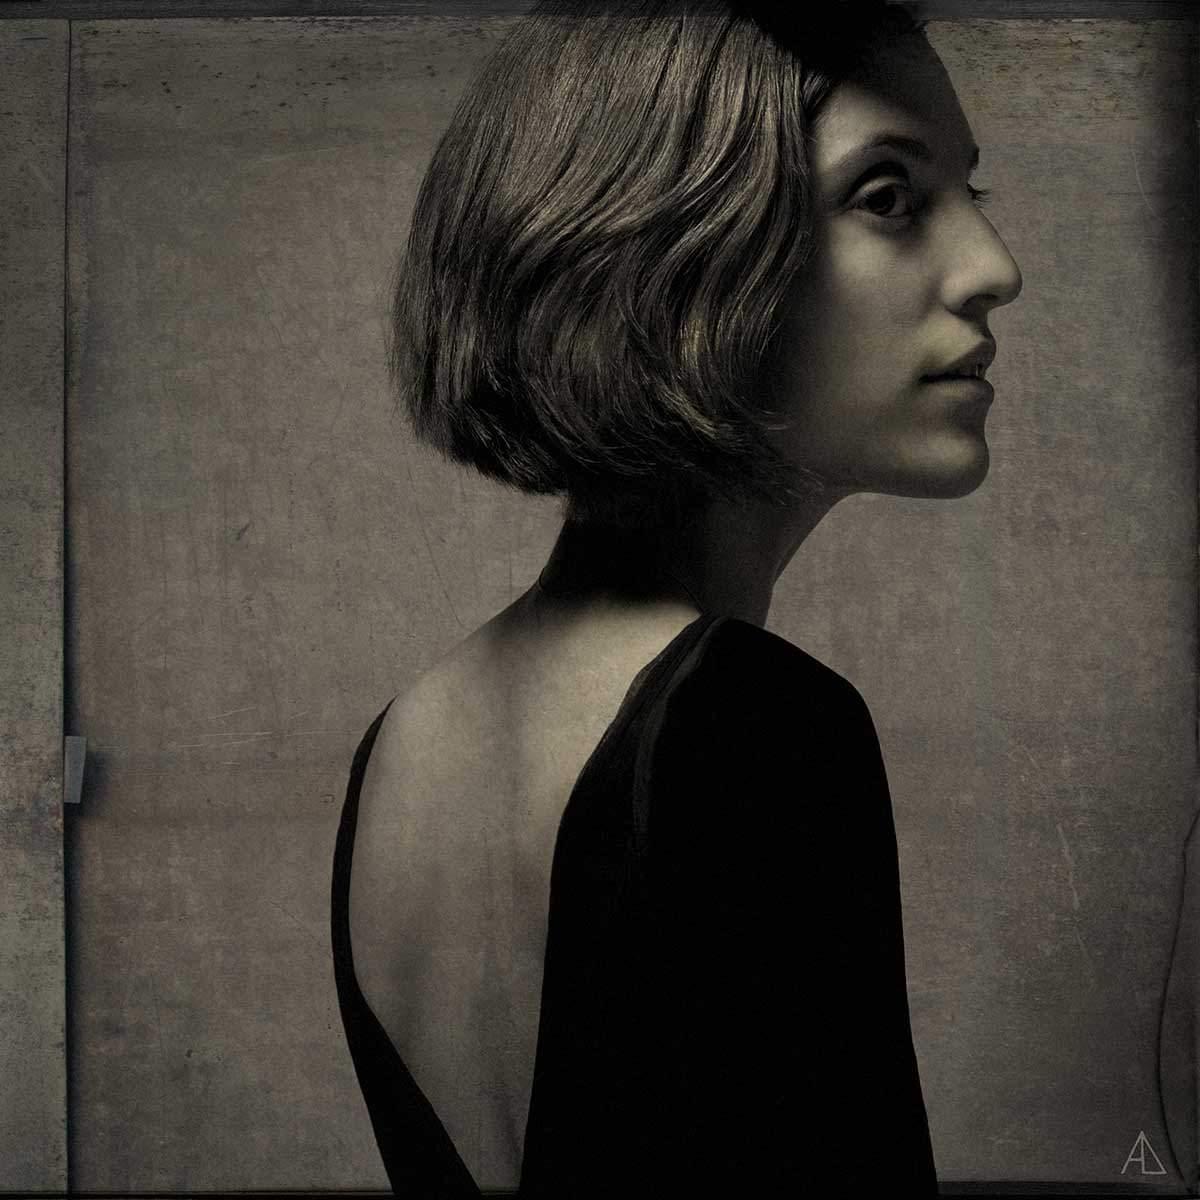 Портрет Оли, © Александра Ов-Лебедев, 2012